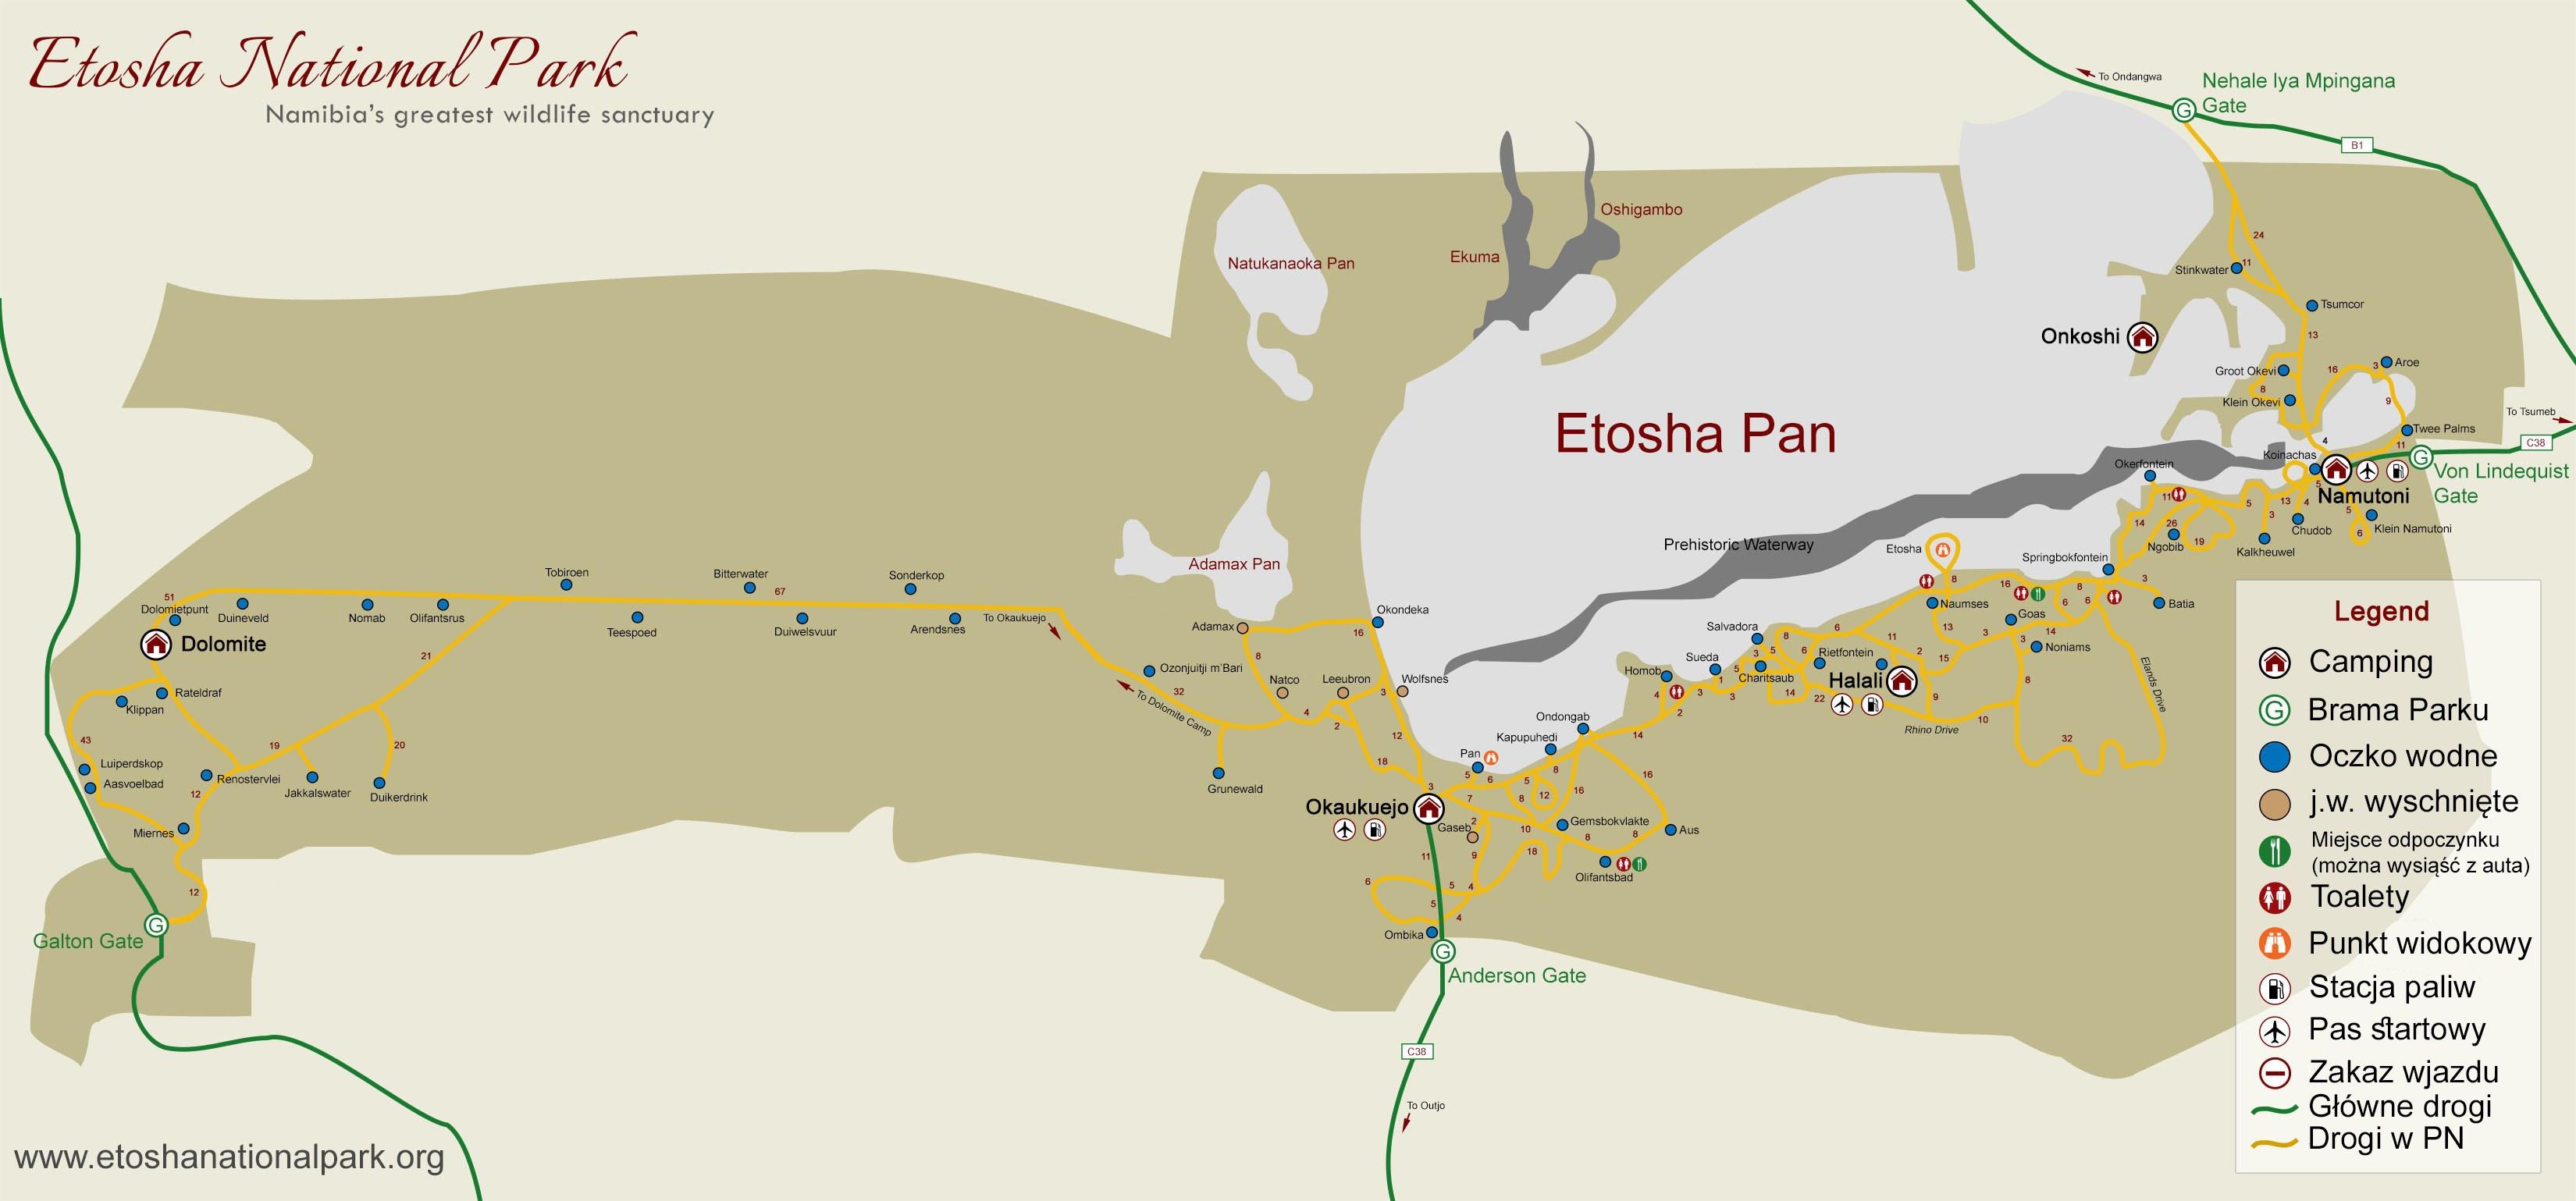 Etosza - mapa parku. Wolno jeździć tylko po drogach!